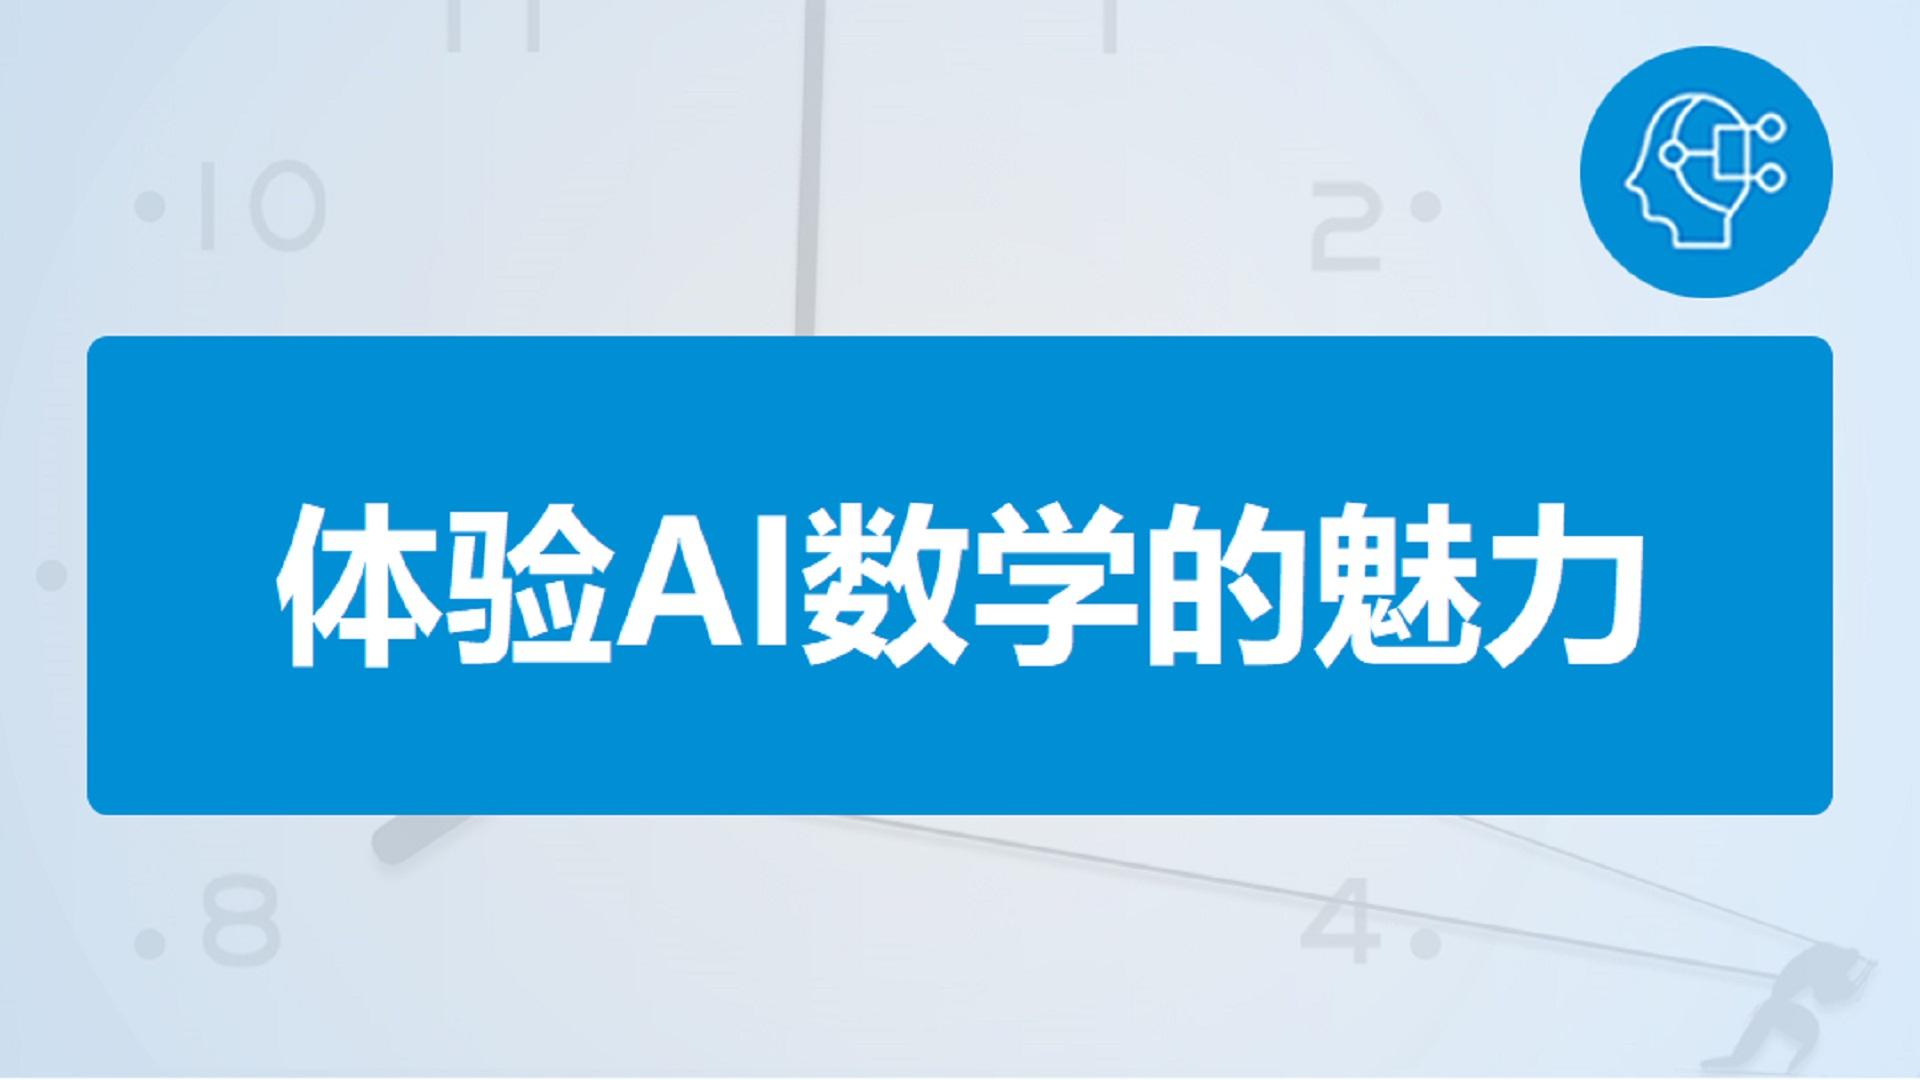 人工智能基础入门到高薪就业AI数学人工智能高等数学_咕泡学院